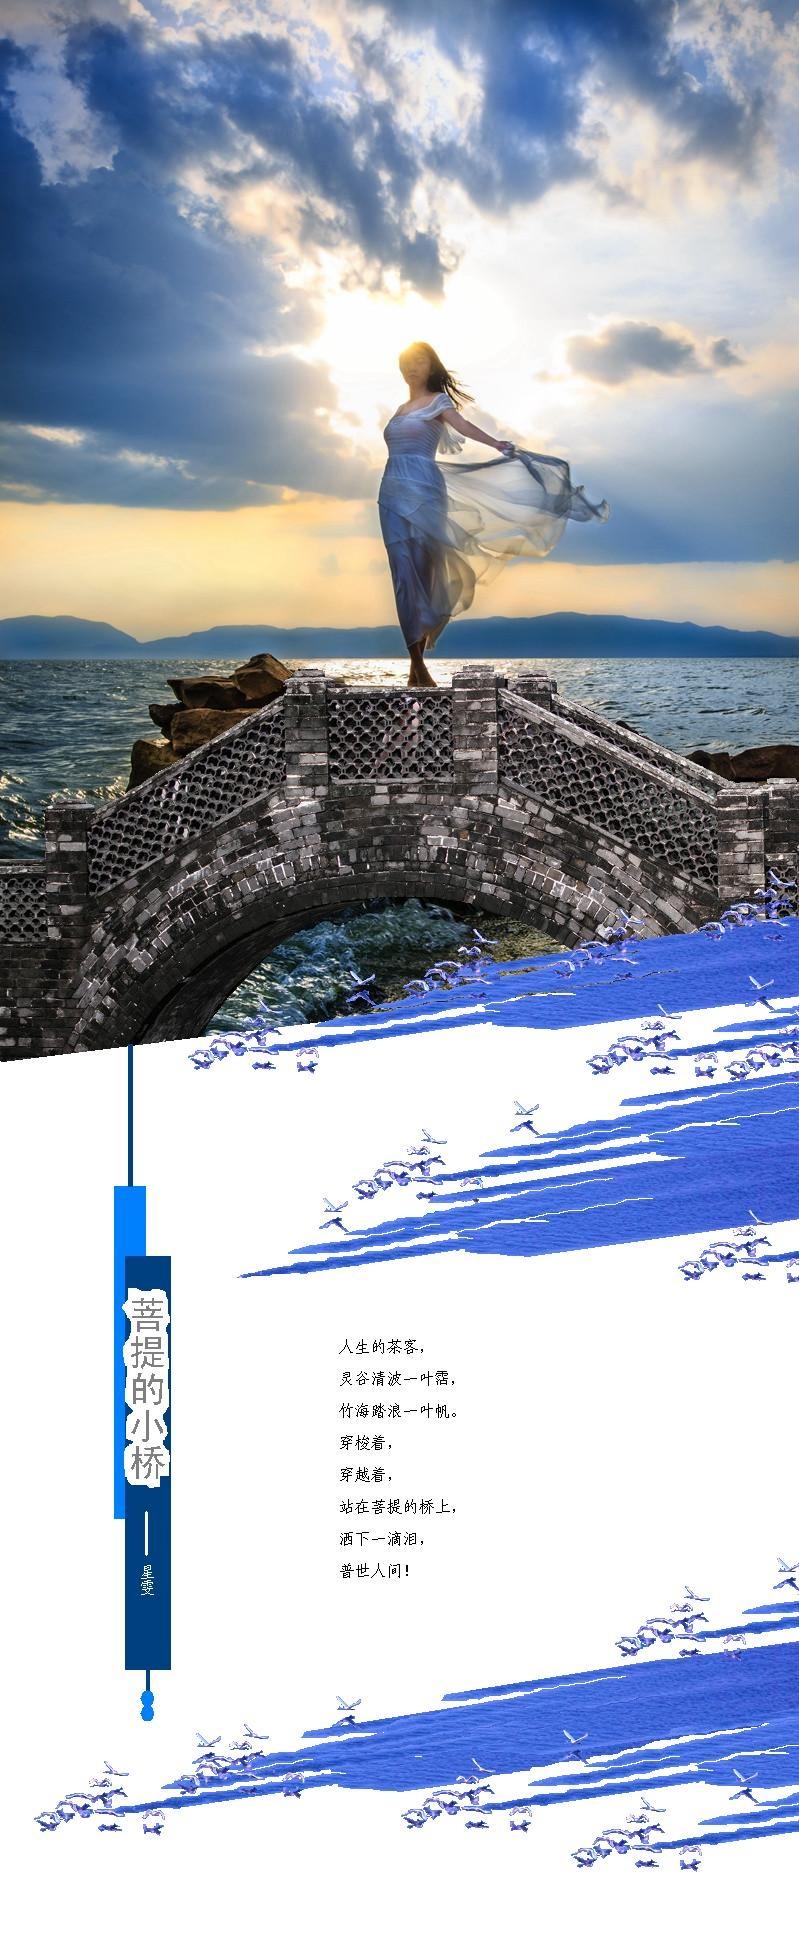 【星雯诗苑】菩提的小桥 - 星雯 - 星雯博客